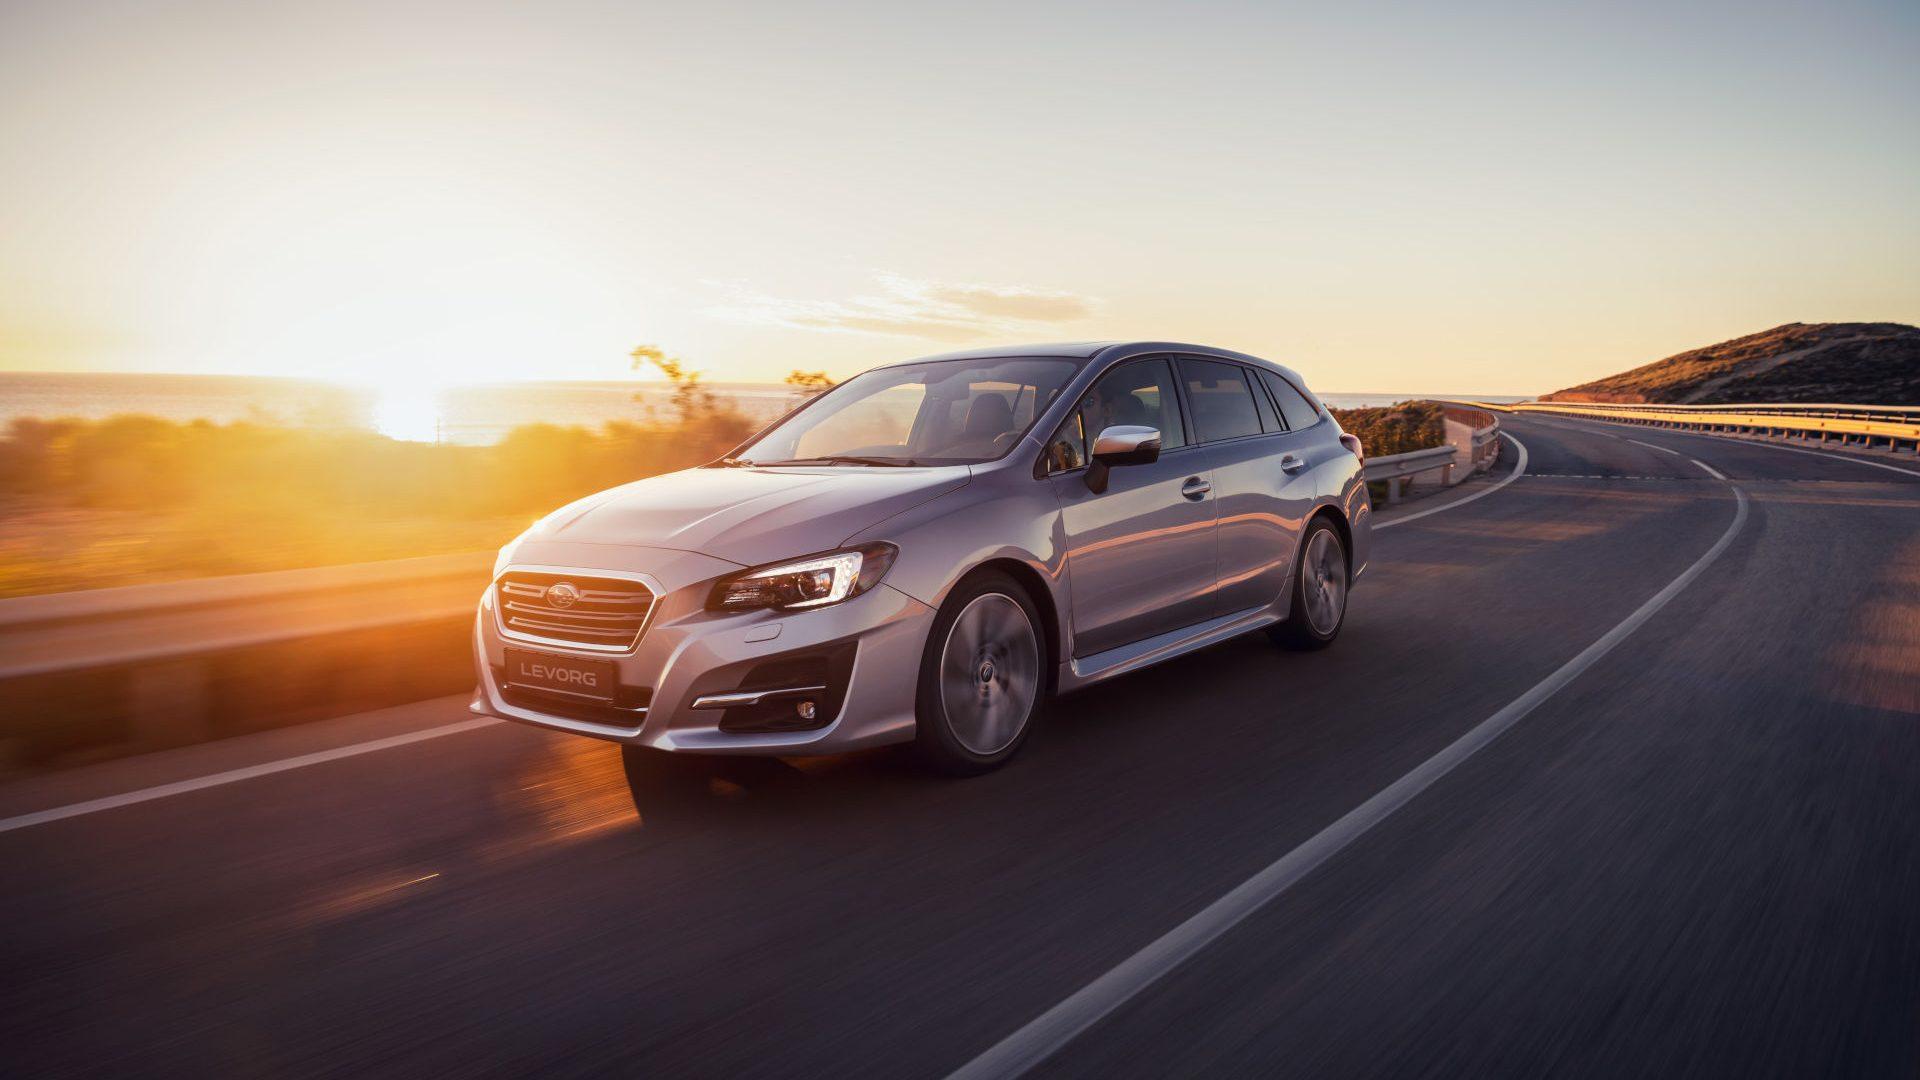 Nuevo Subaru Levorg 2019, igual de deportivo, más barato y mejor equipado